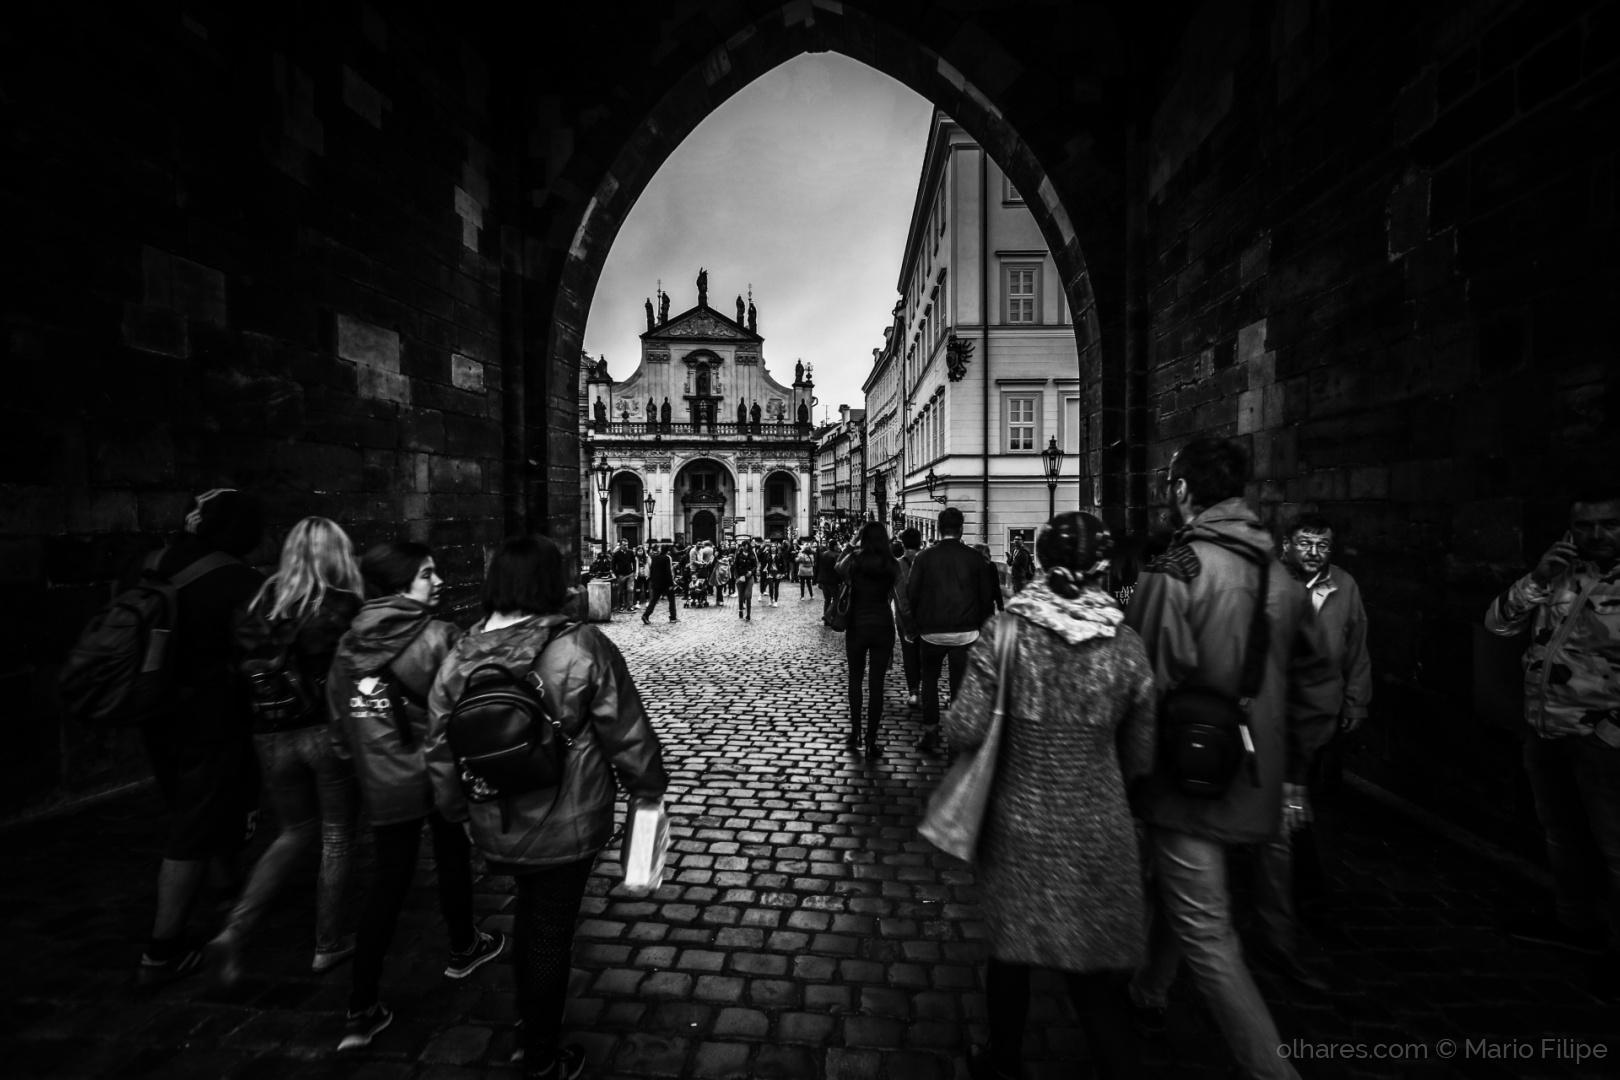 Gentes e Locais/street photography in prague